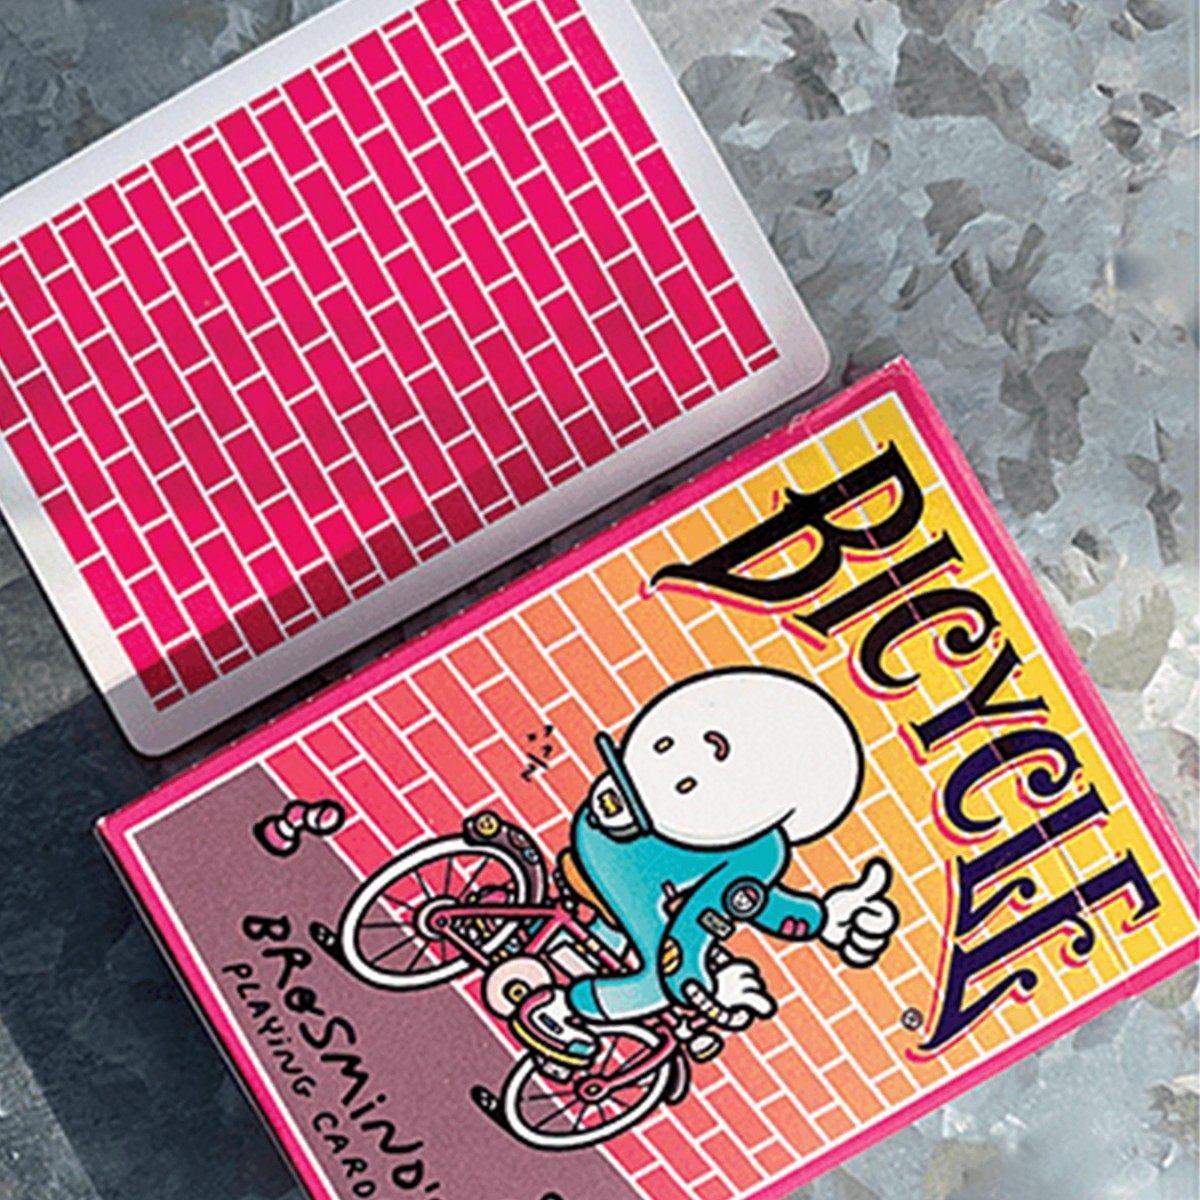 Bicycle - Brosmid's four Gangs